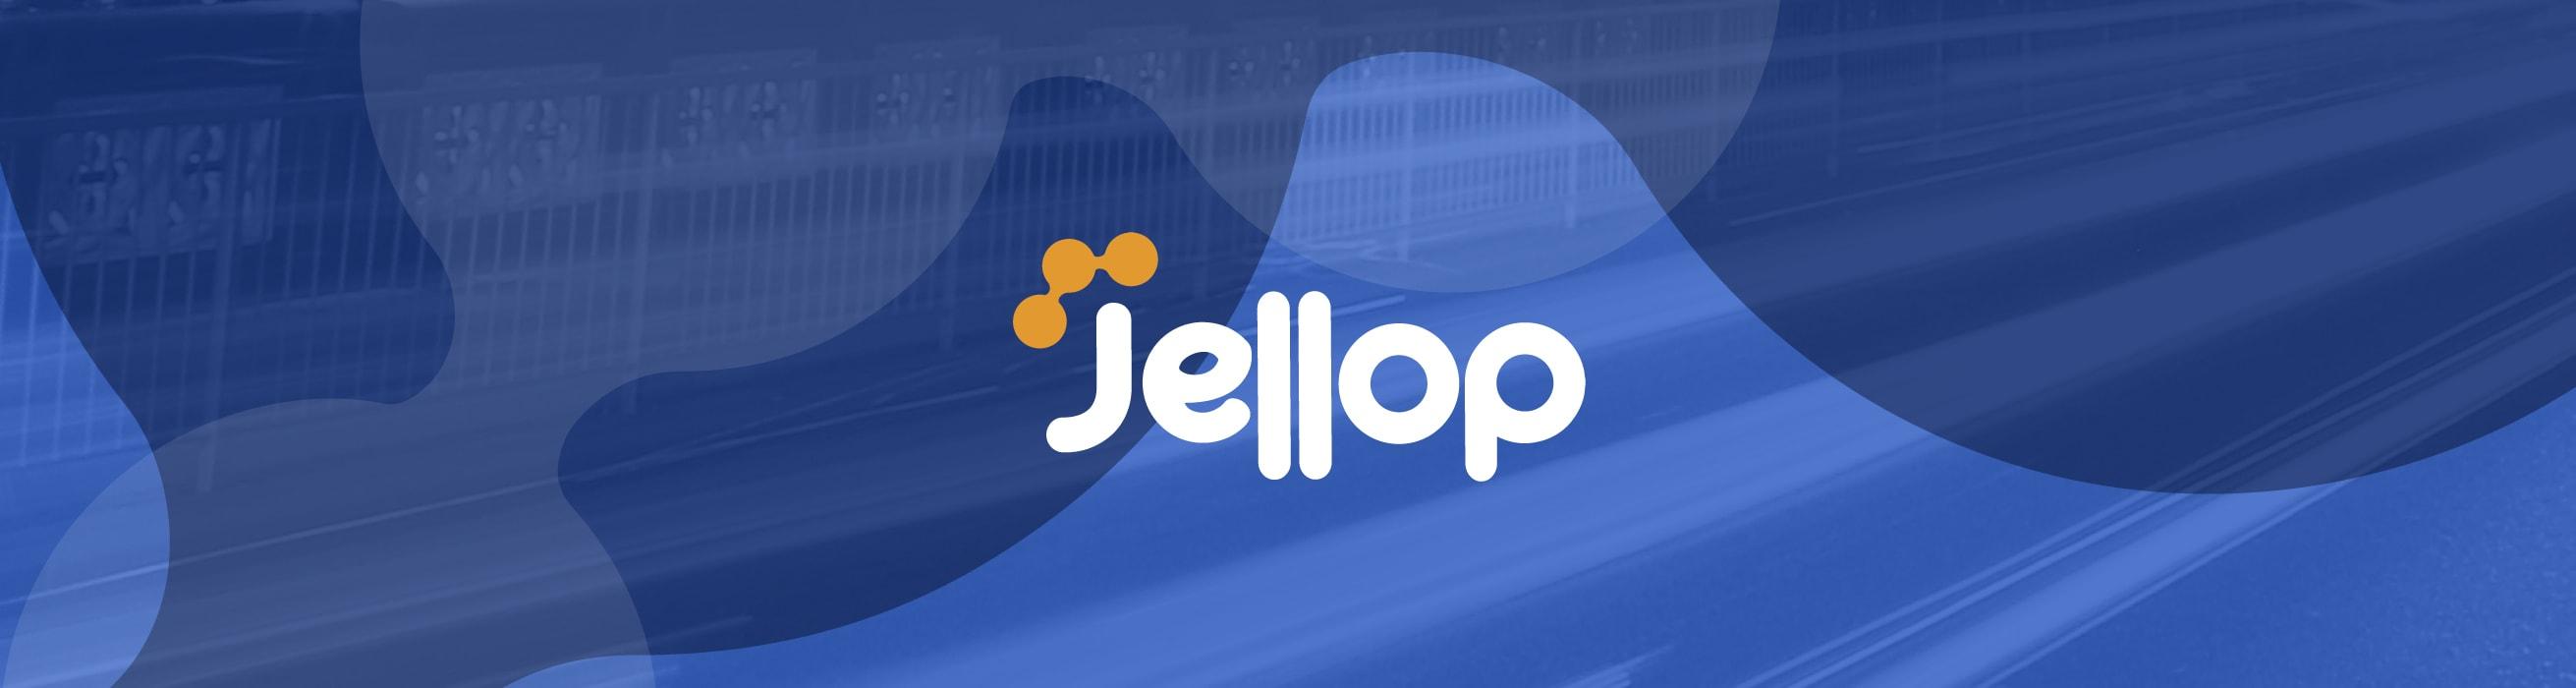 Jellop - natie-jellop-logo-banner - Natie Branding Agency